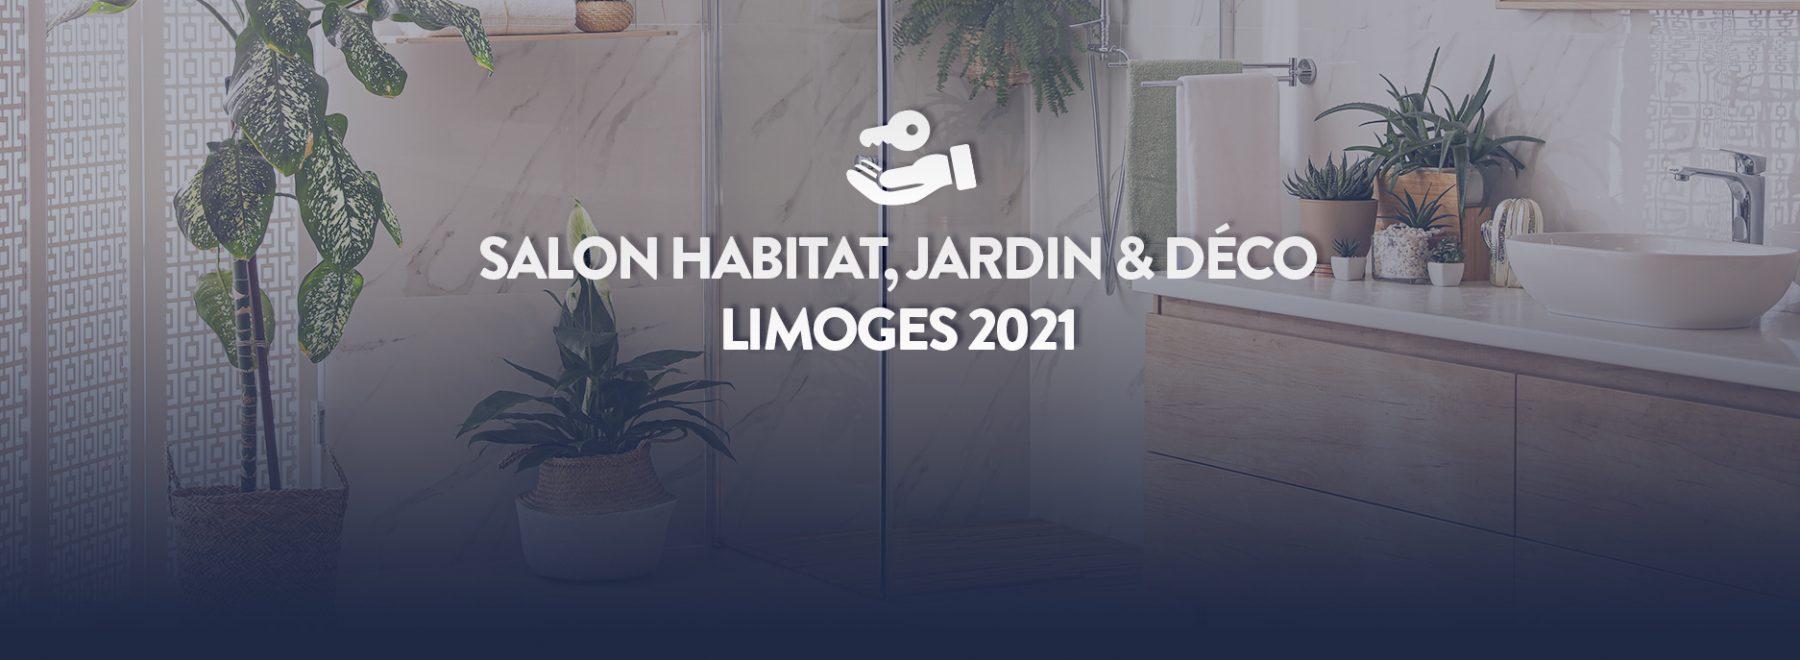 salon de l'habitat et construction de maison limoges 2021